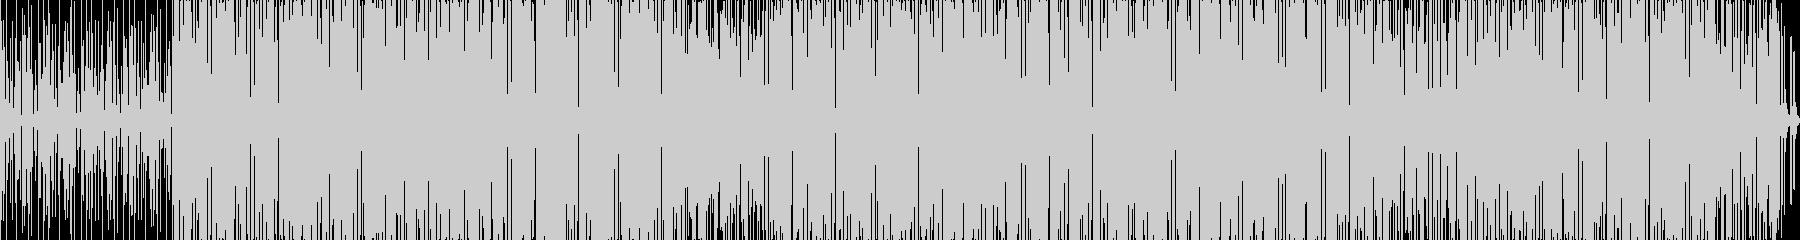 サルサとファンクの未再生の波形